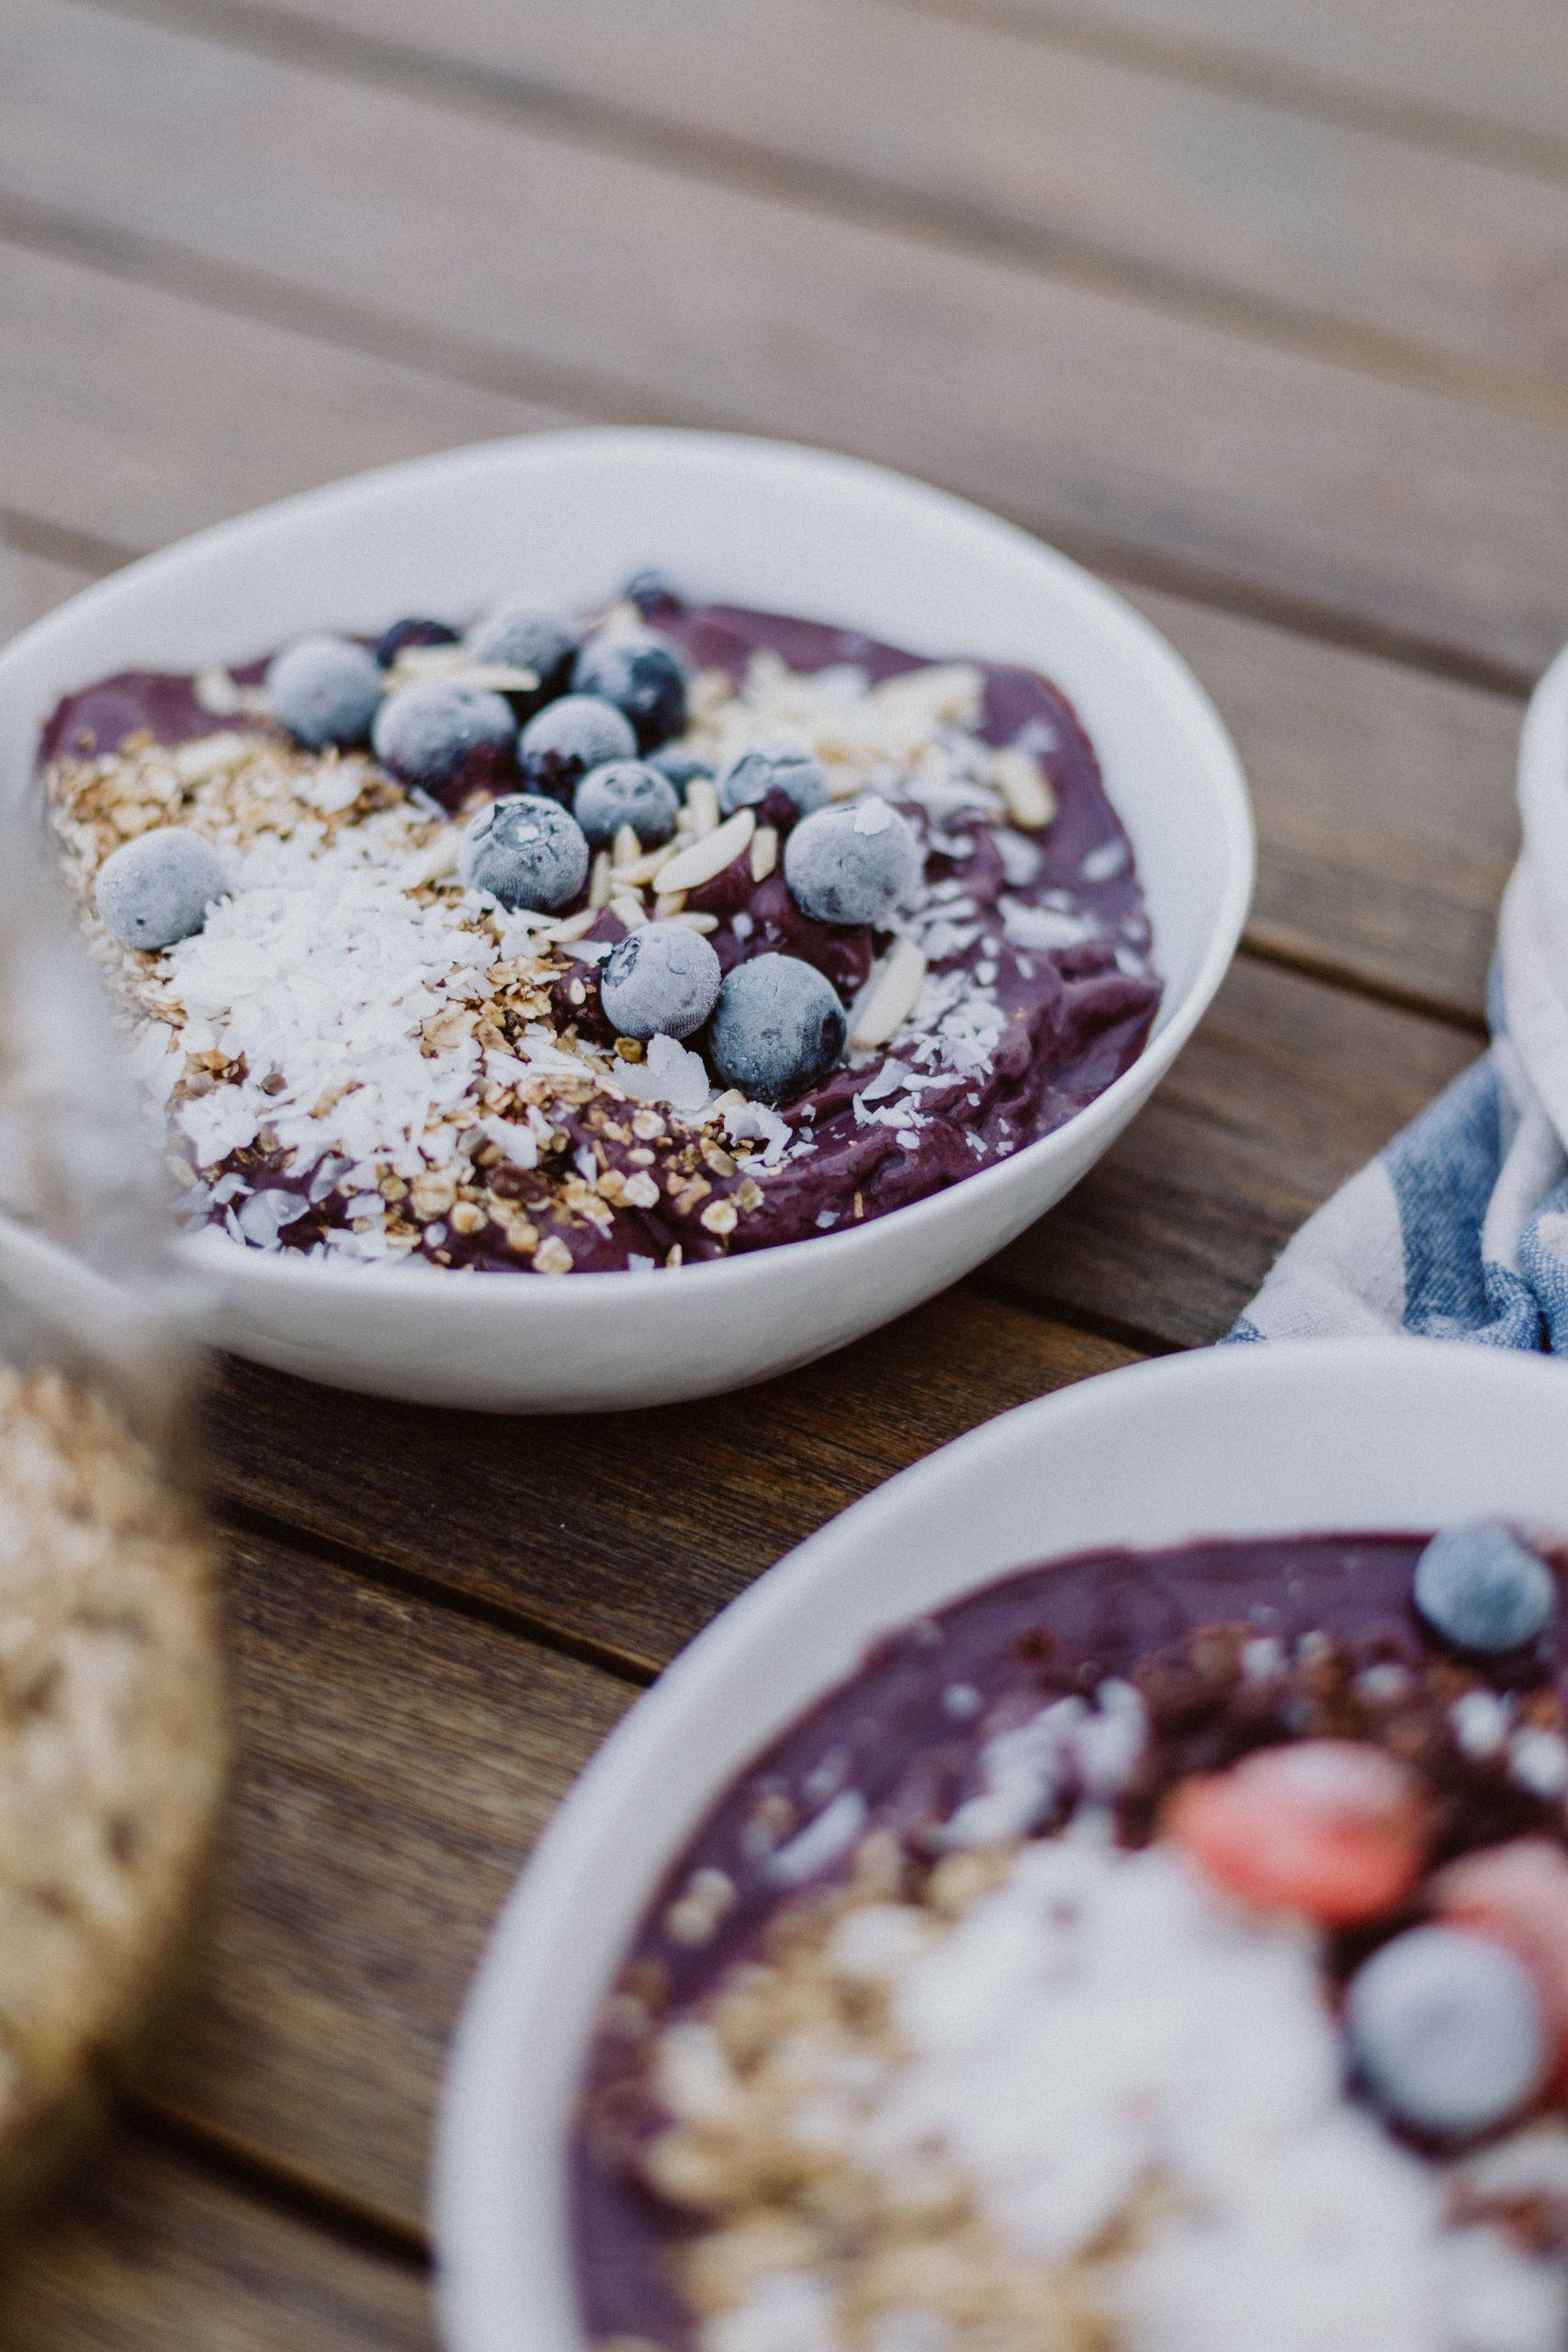 Creamy Homemade Acai Bowls | The Daily Dose